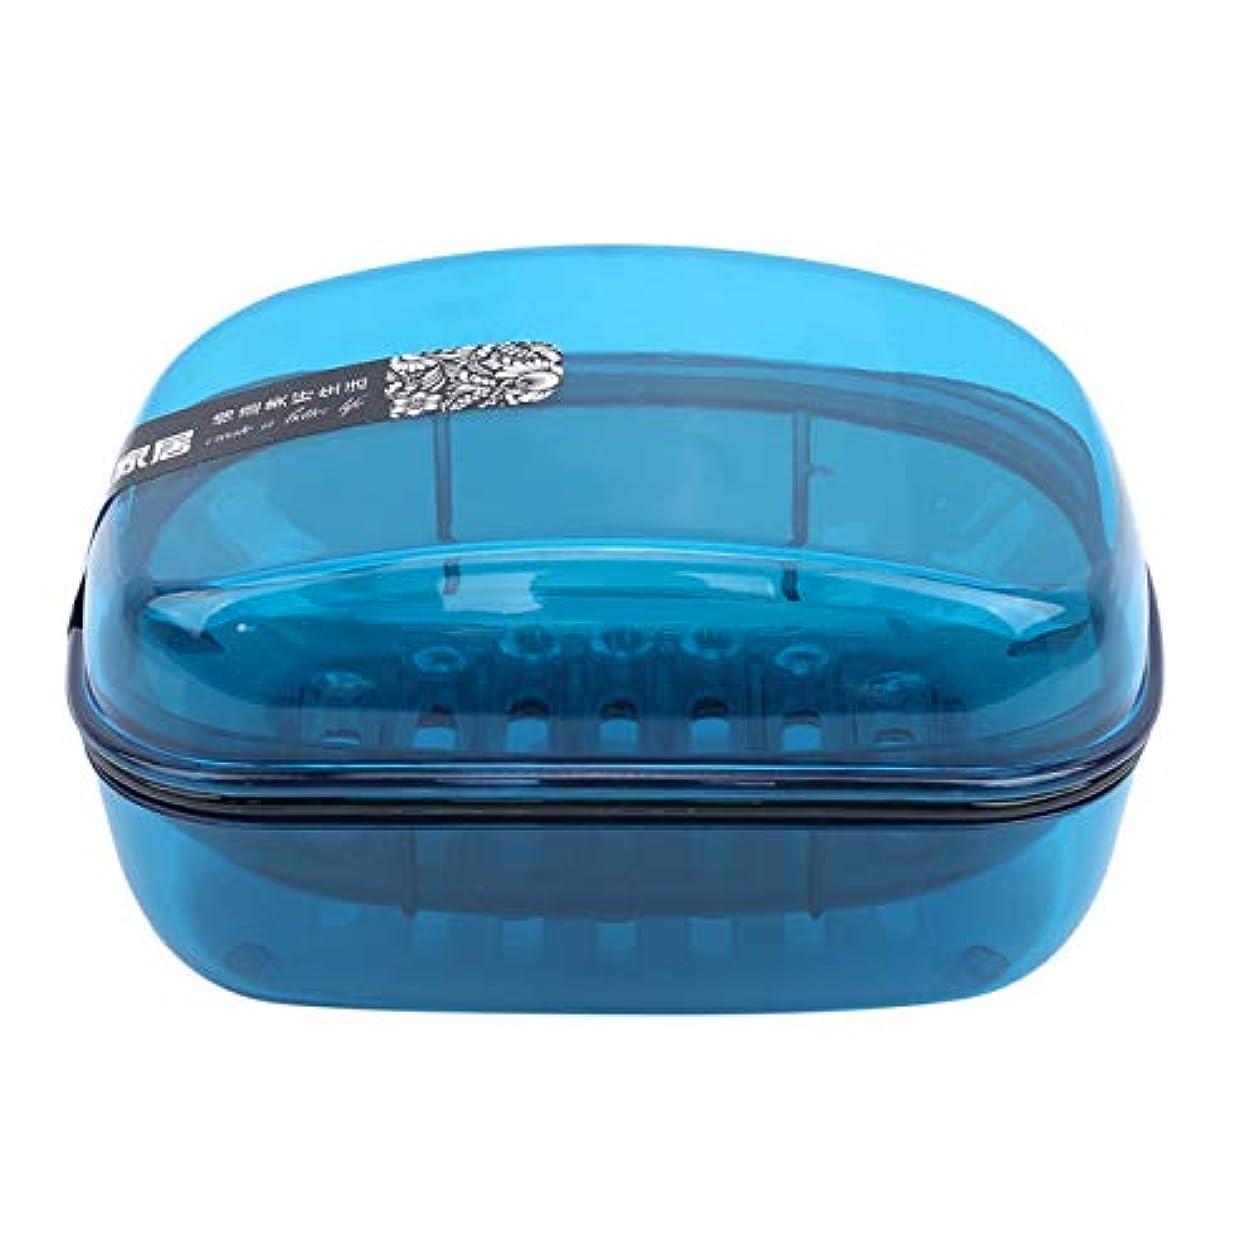 移行間隔うんZALING石鹸収納ボックス皿バスルームアクセサリーソープボックスケースホルダー付きカバーブルー